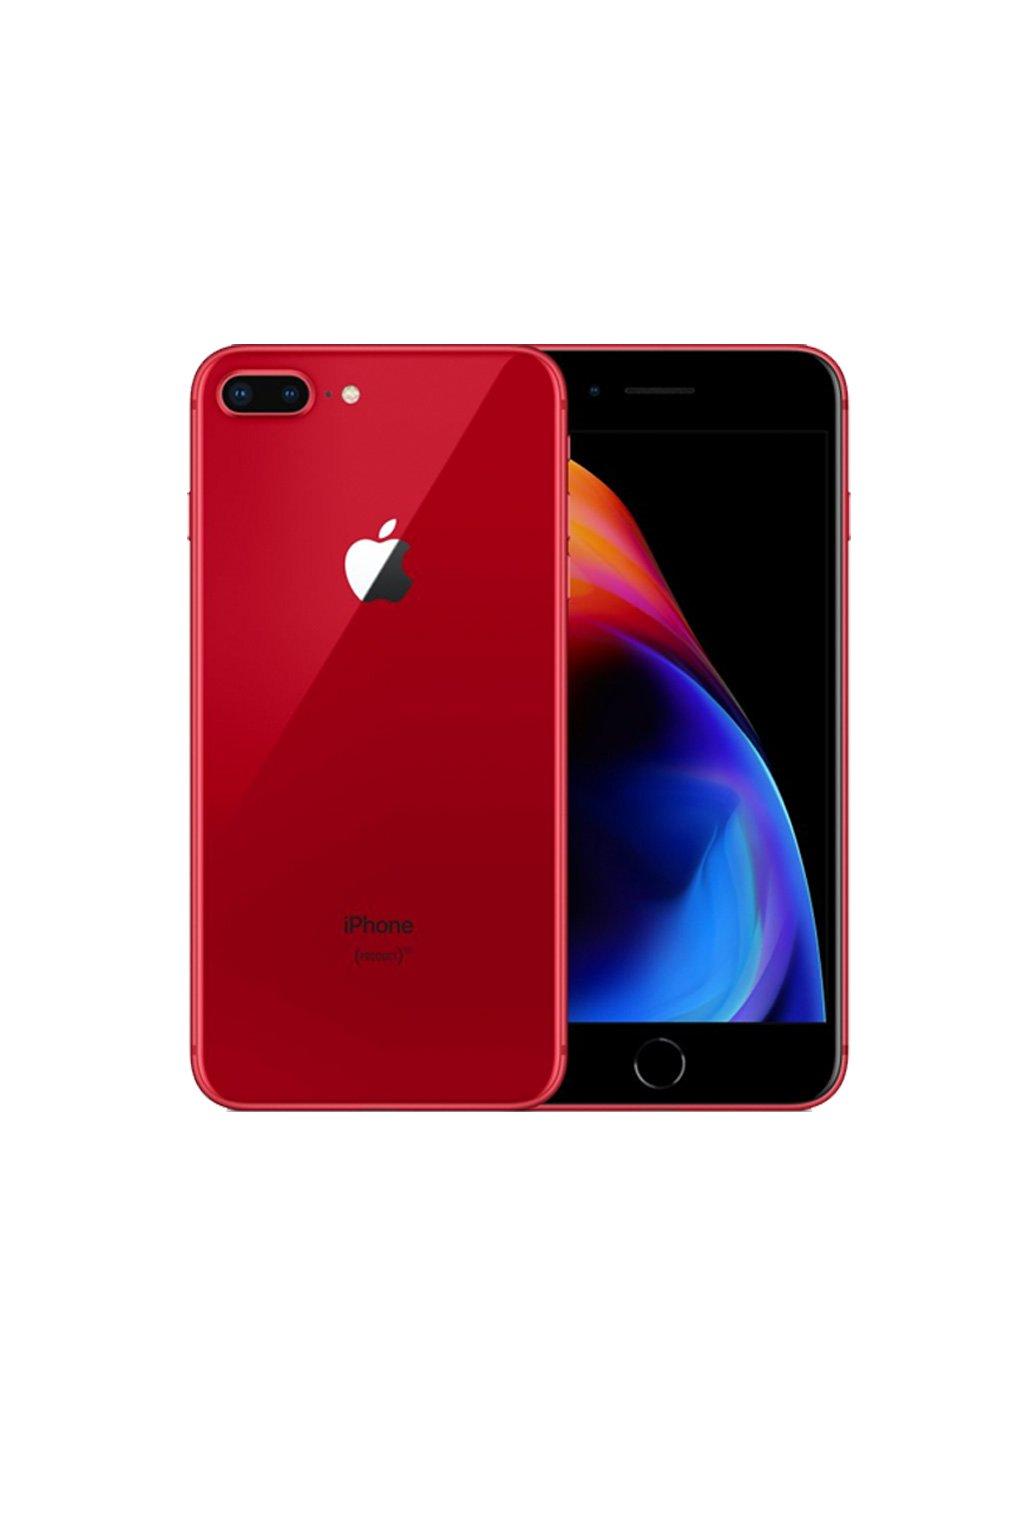 8plus red